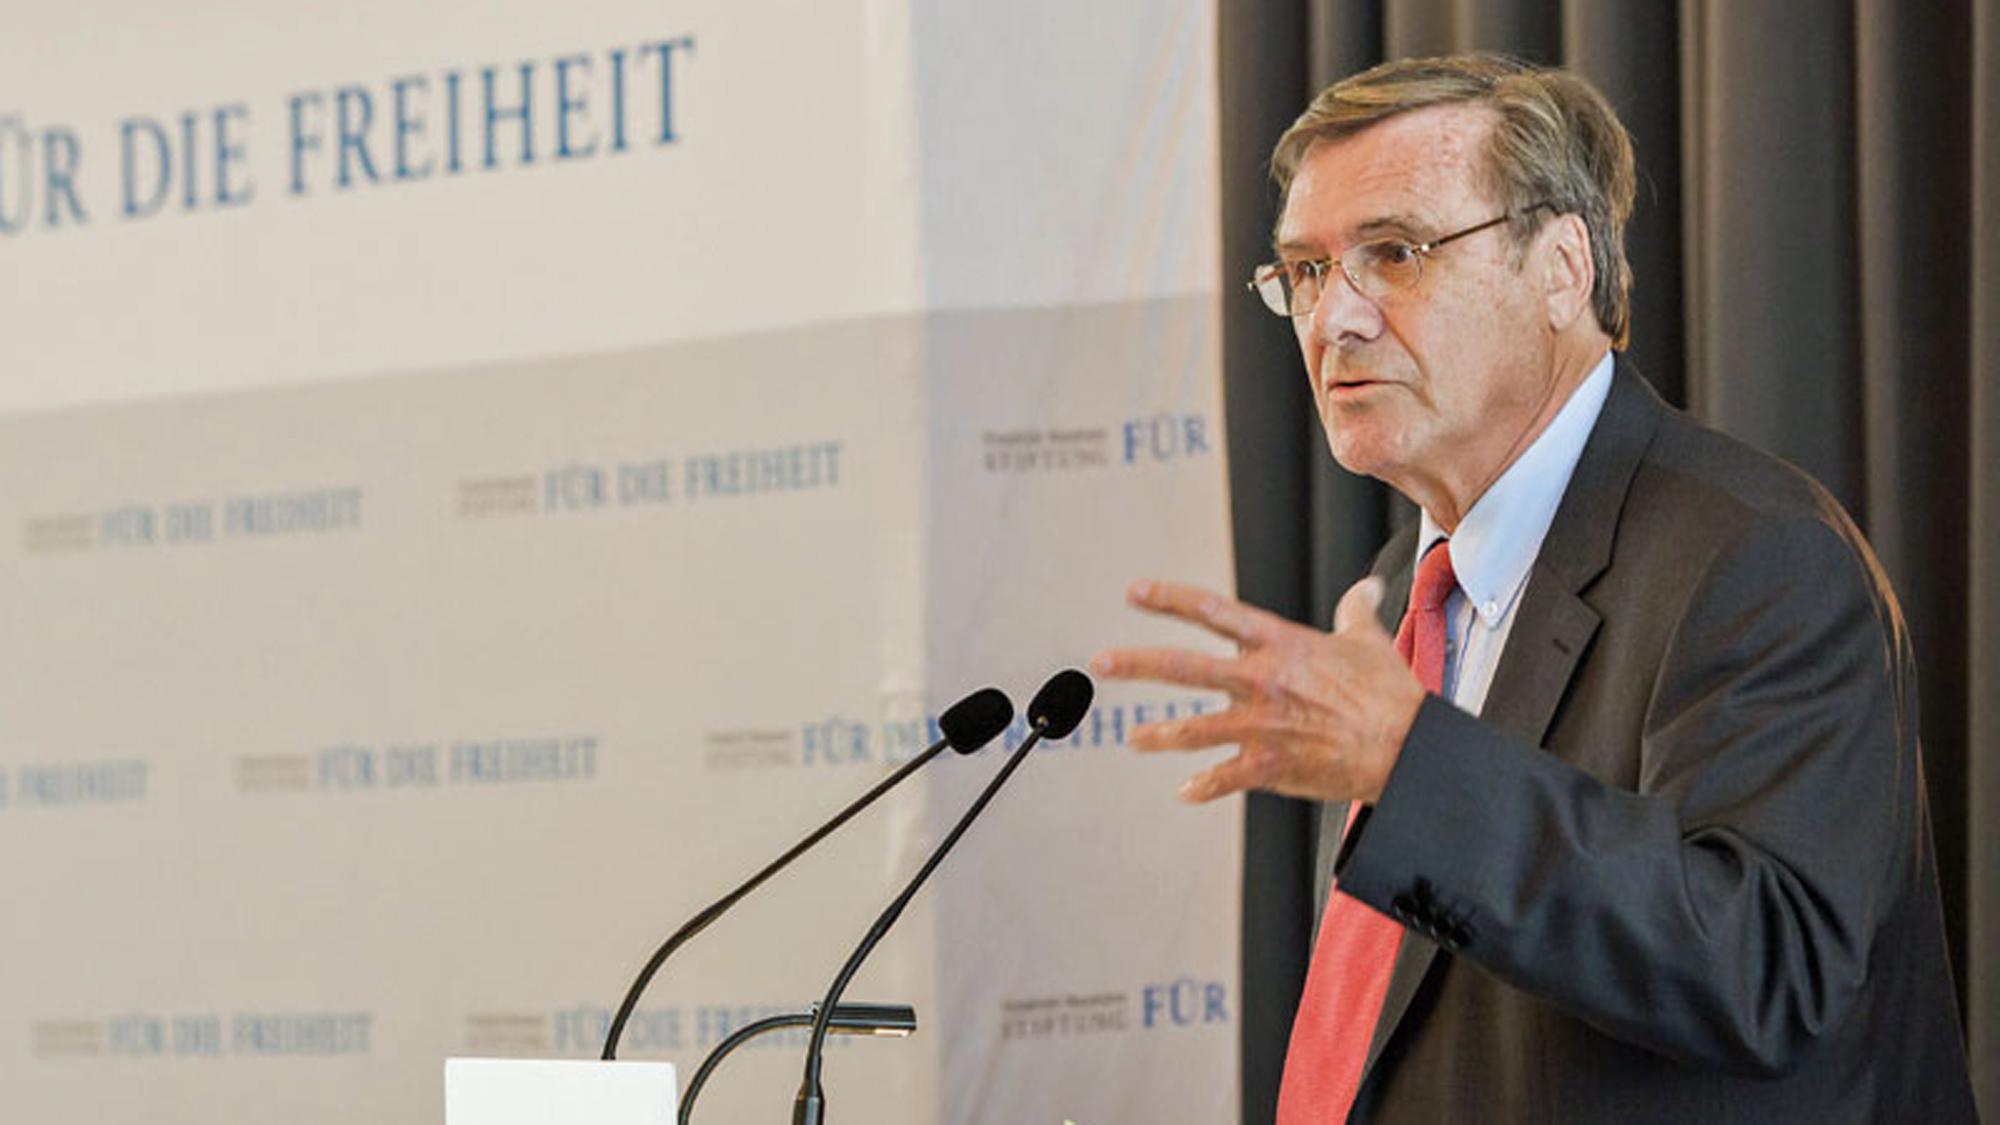 Nachruf Walter Scheel Bleibt Unvergessen